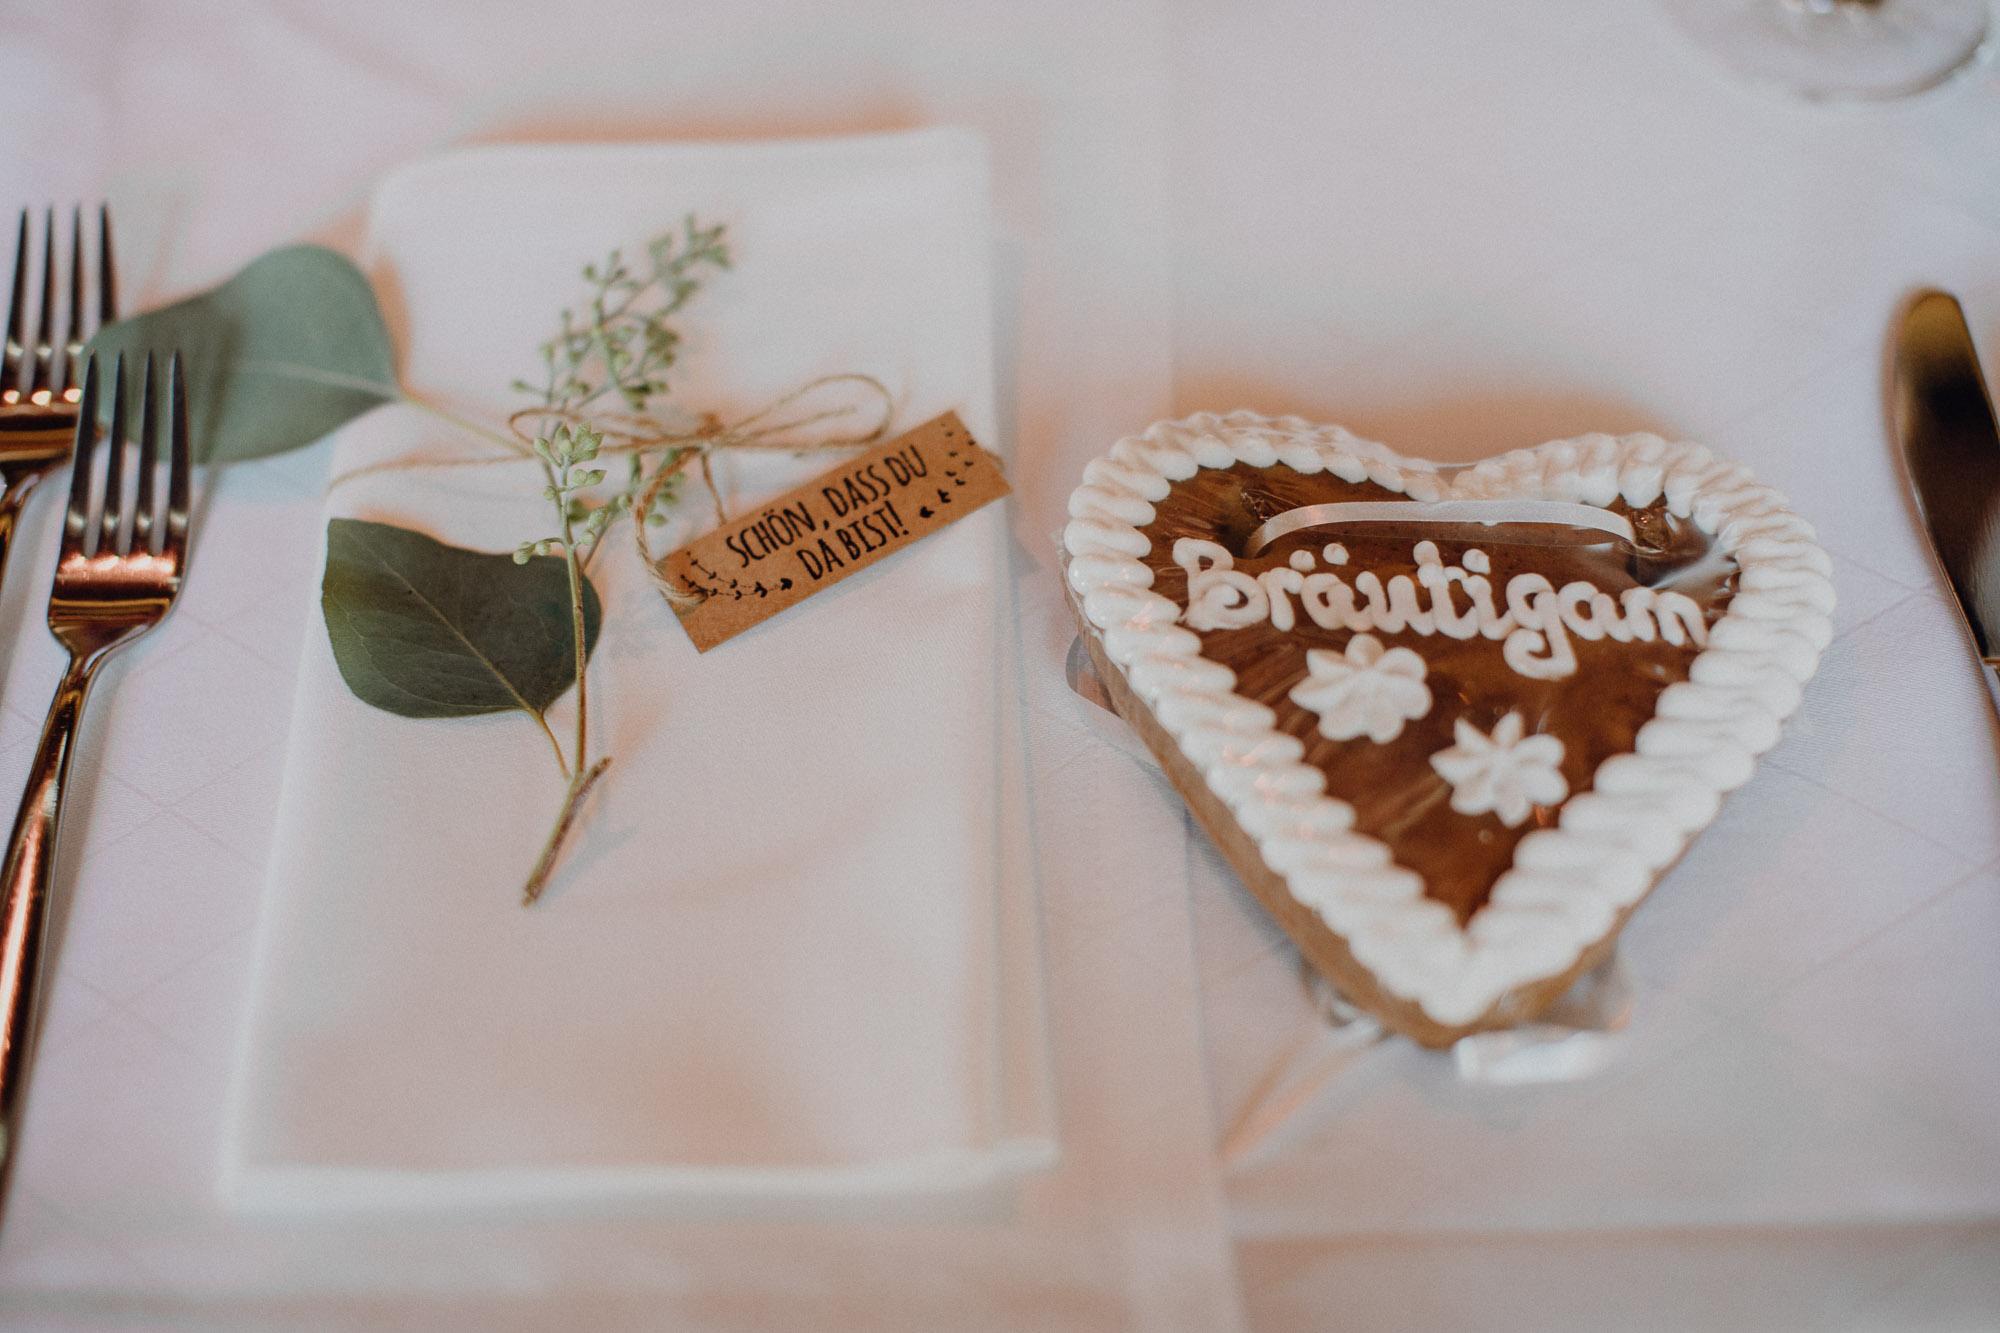 Gastgeschenk Lebkuchen Hochzeit, Lebkuchenherz als Gastgeschenk Hochzeit